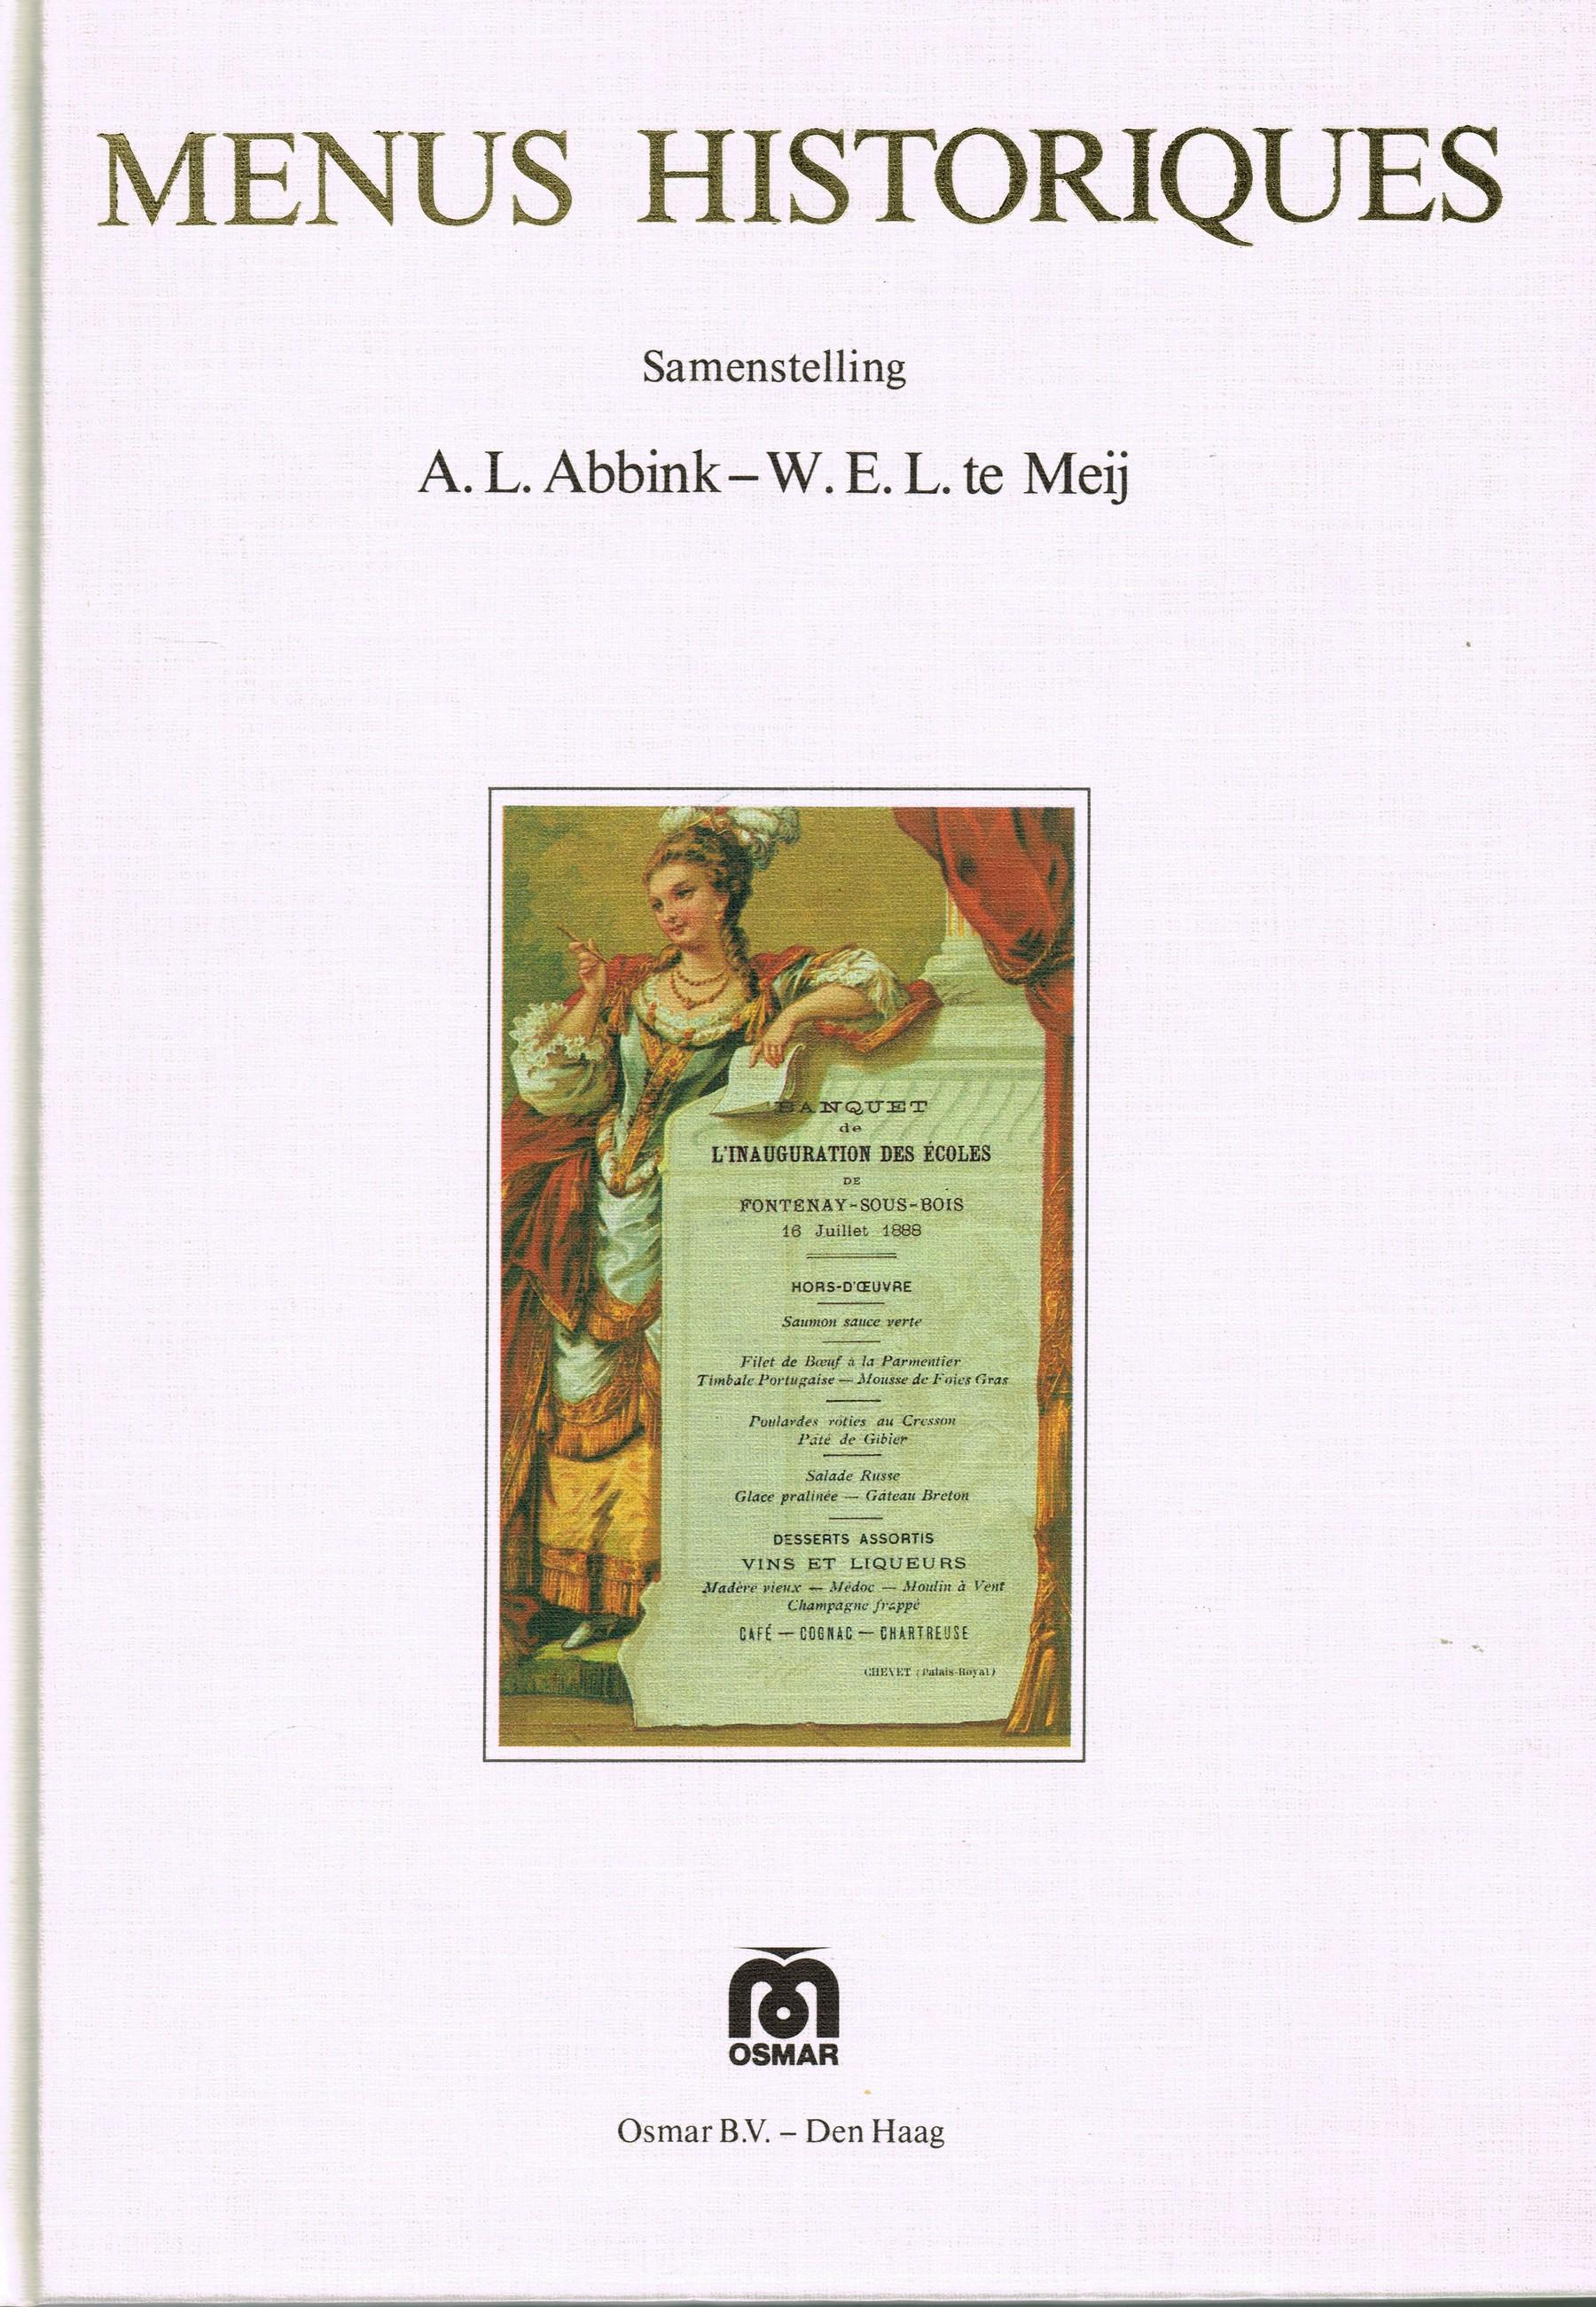 A.L. Abbink - Menus historiques